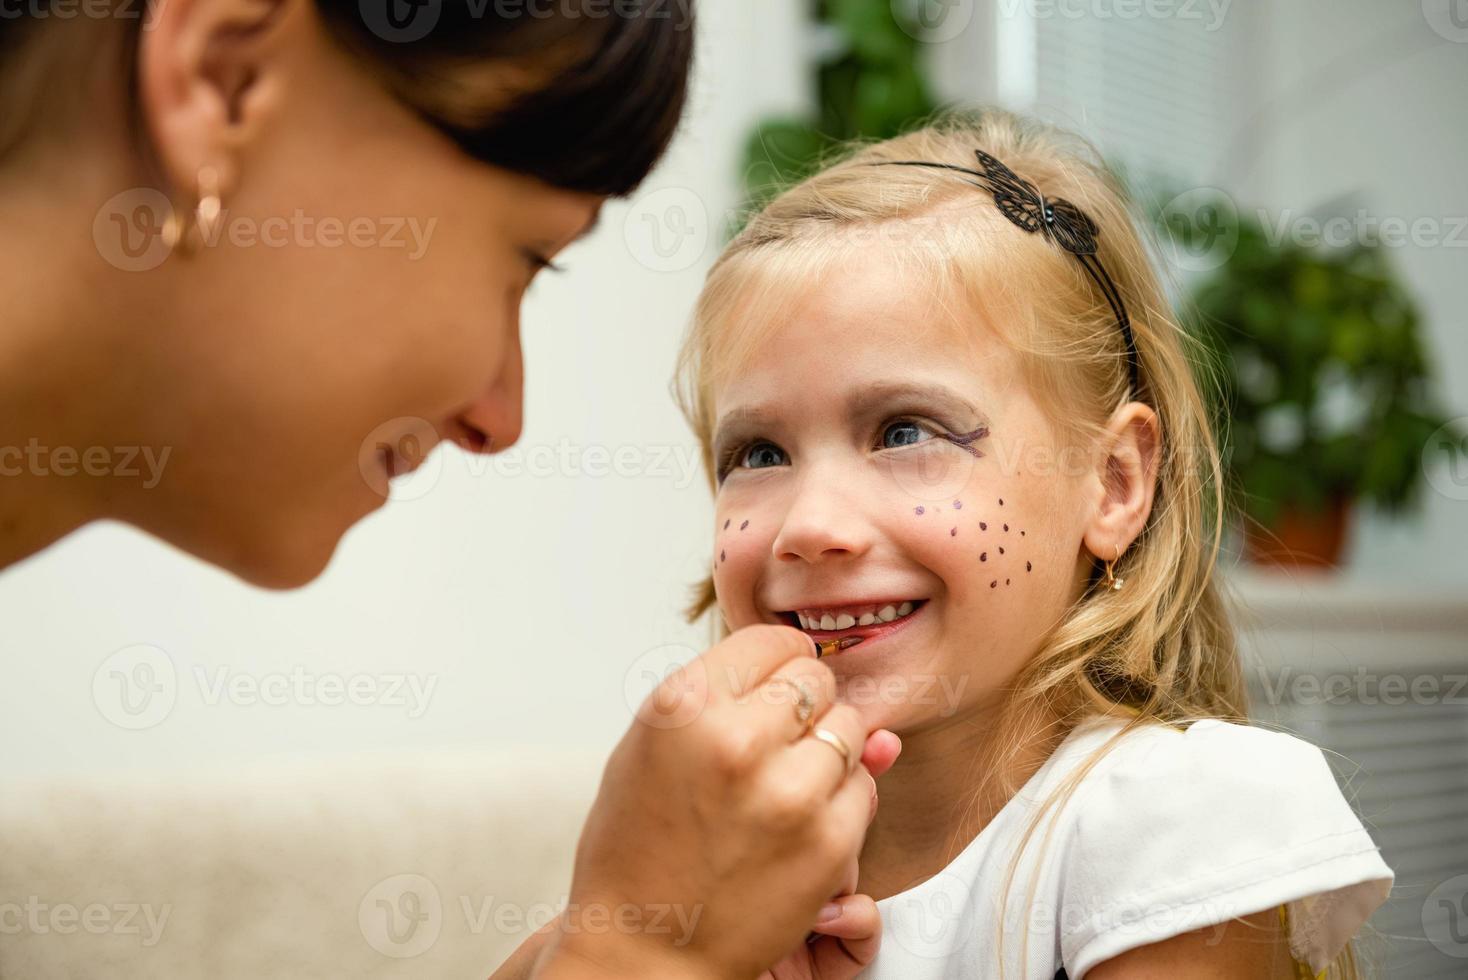 femme peint le visage d'un enfant pour les vacances photo